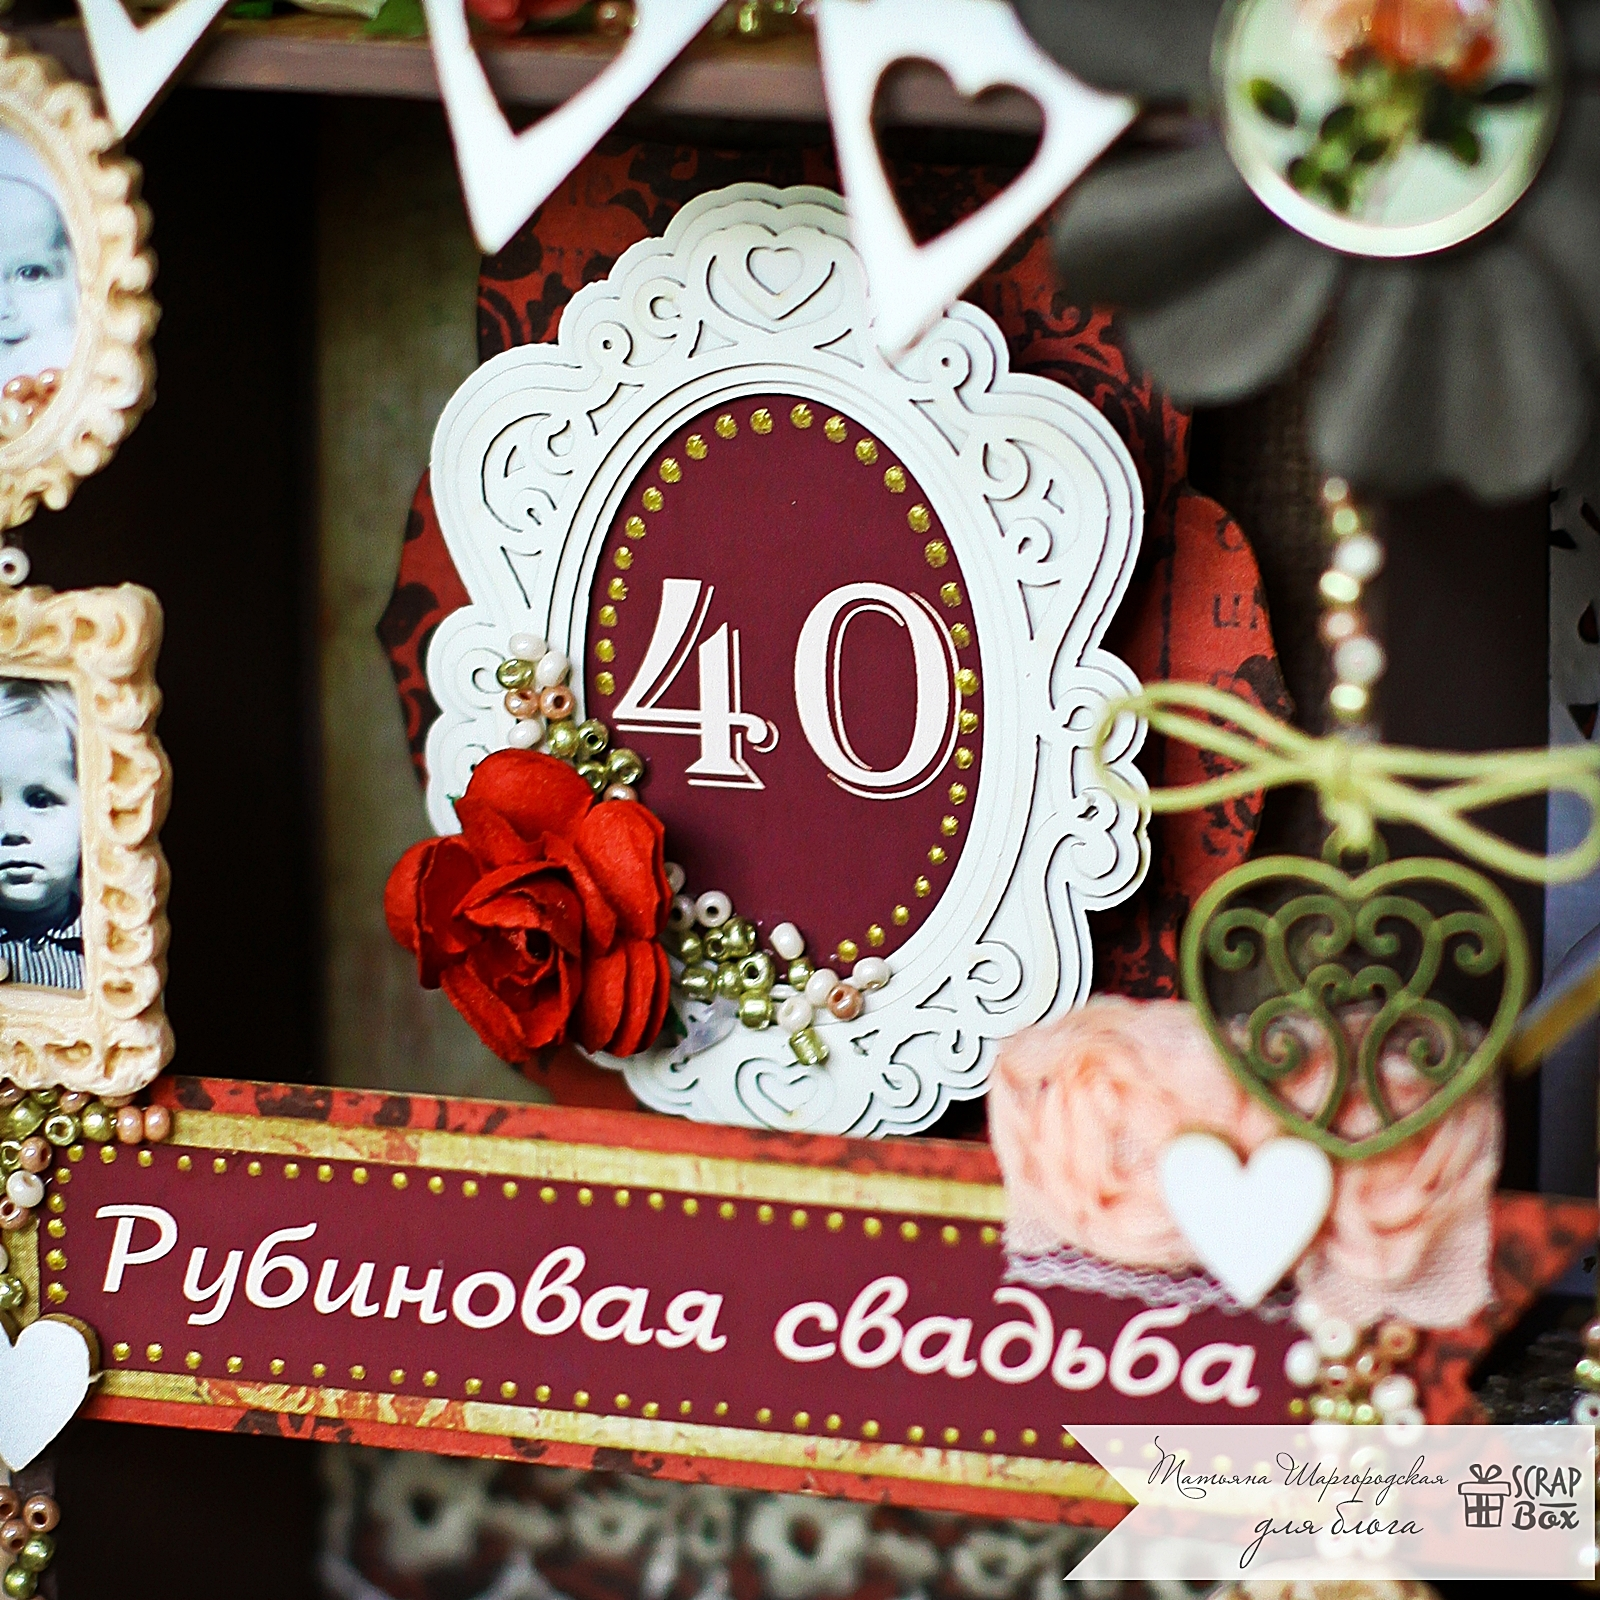 Фото открытки рубиновая свадьба, тане валере открытки